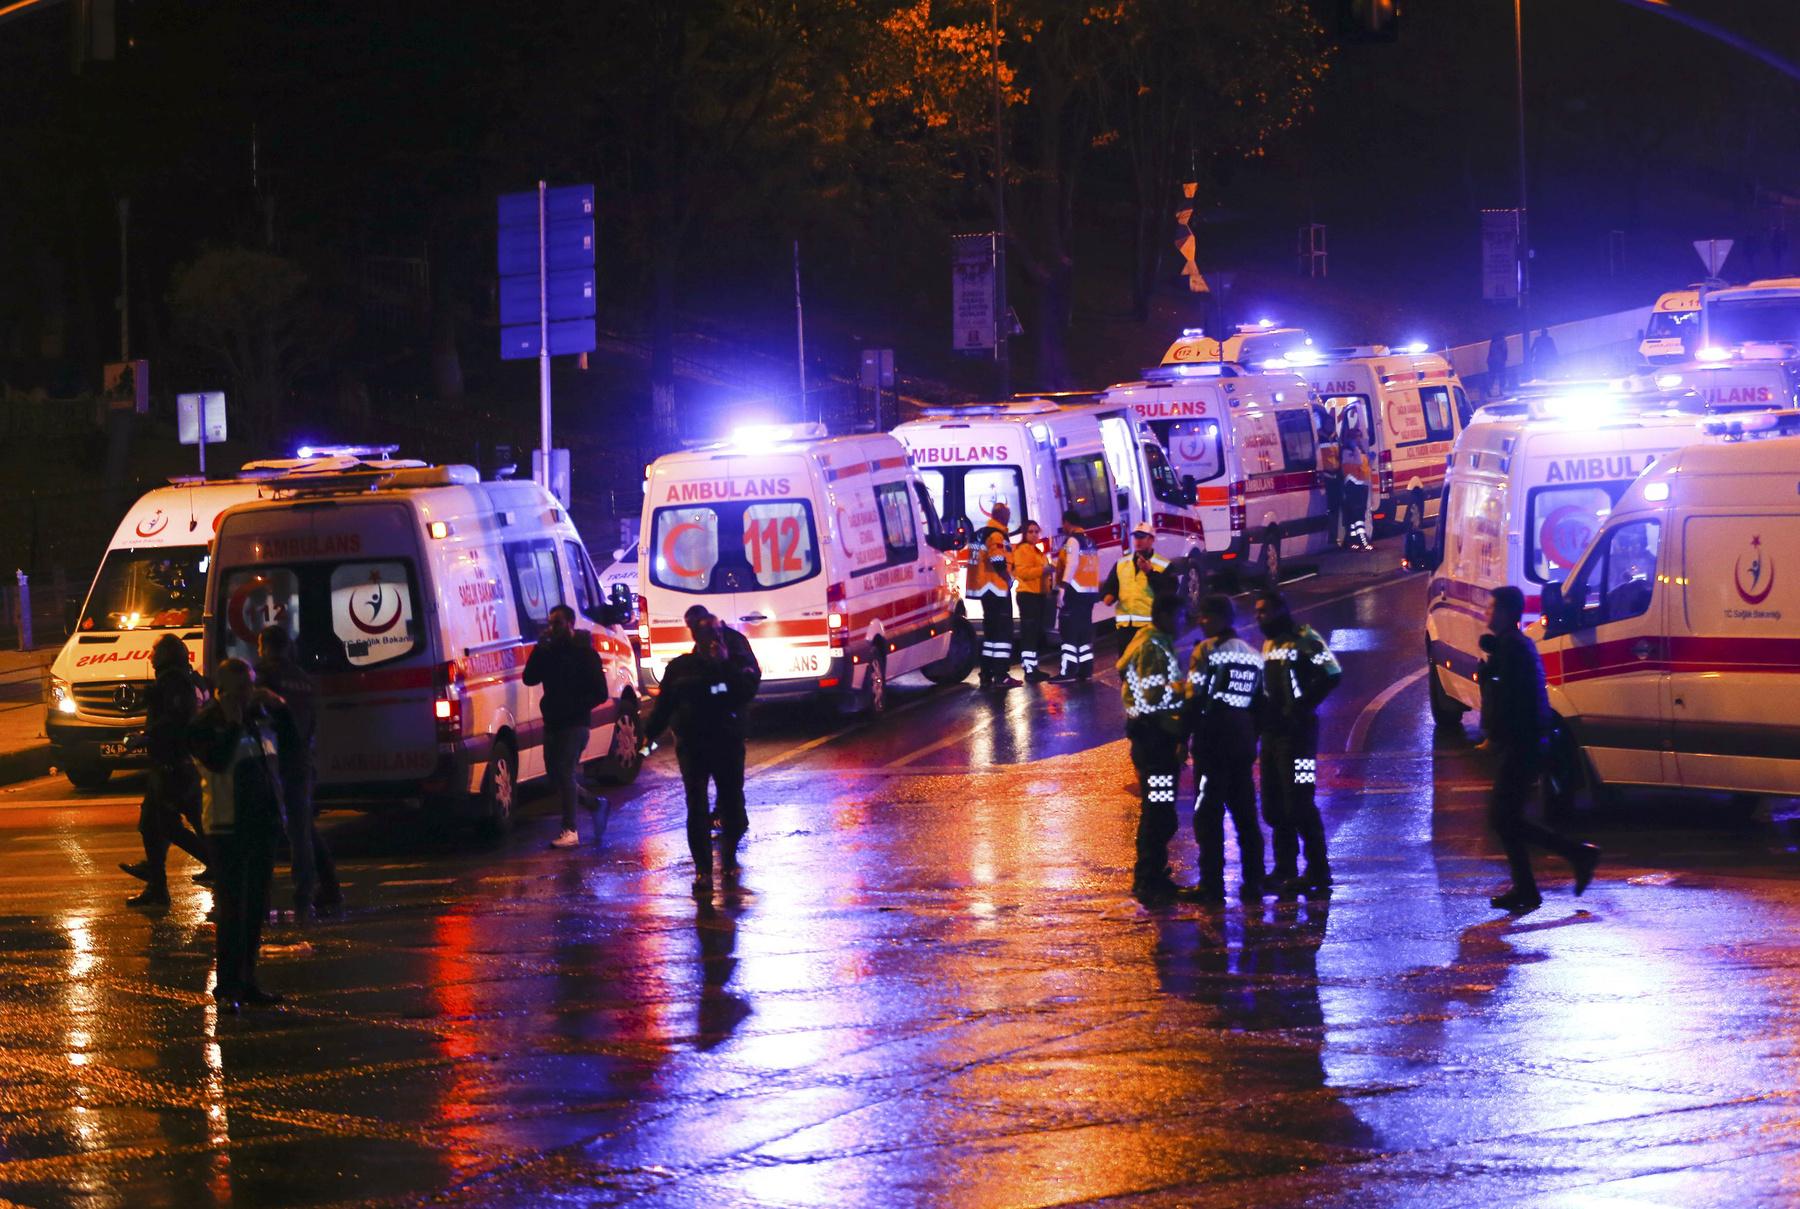 Теракт в аэропорту Брюсселя организовали парижские террористы